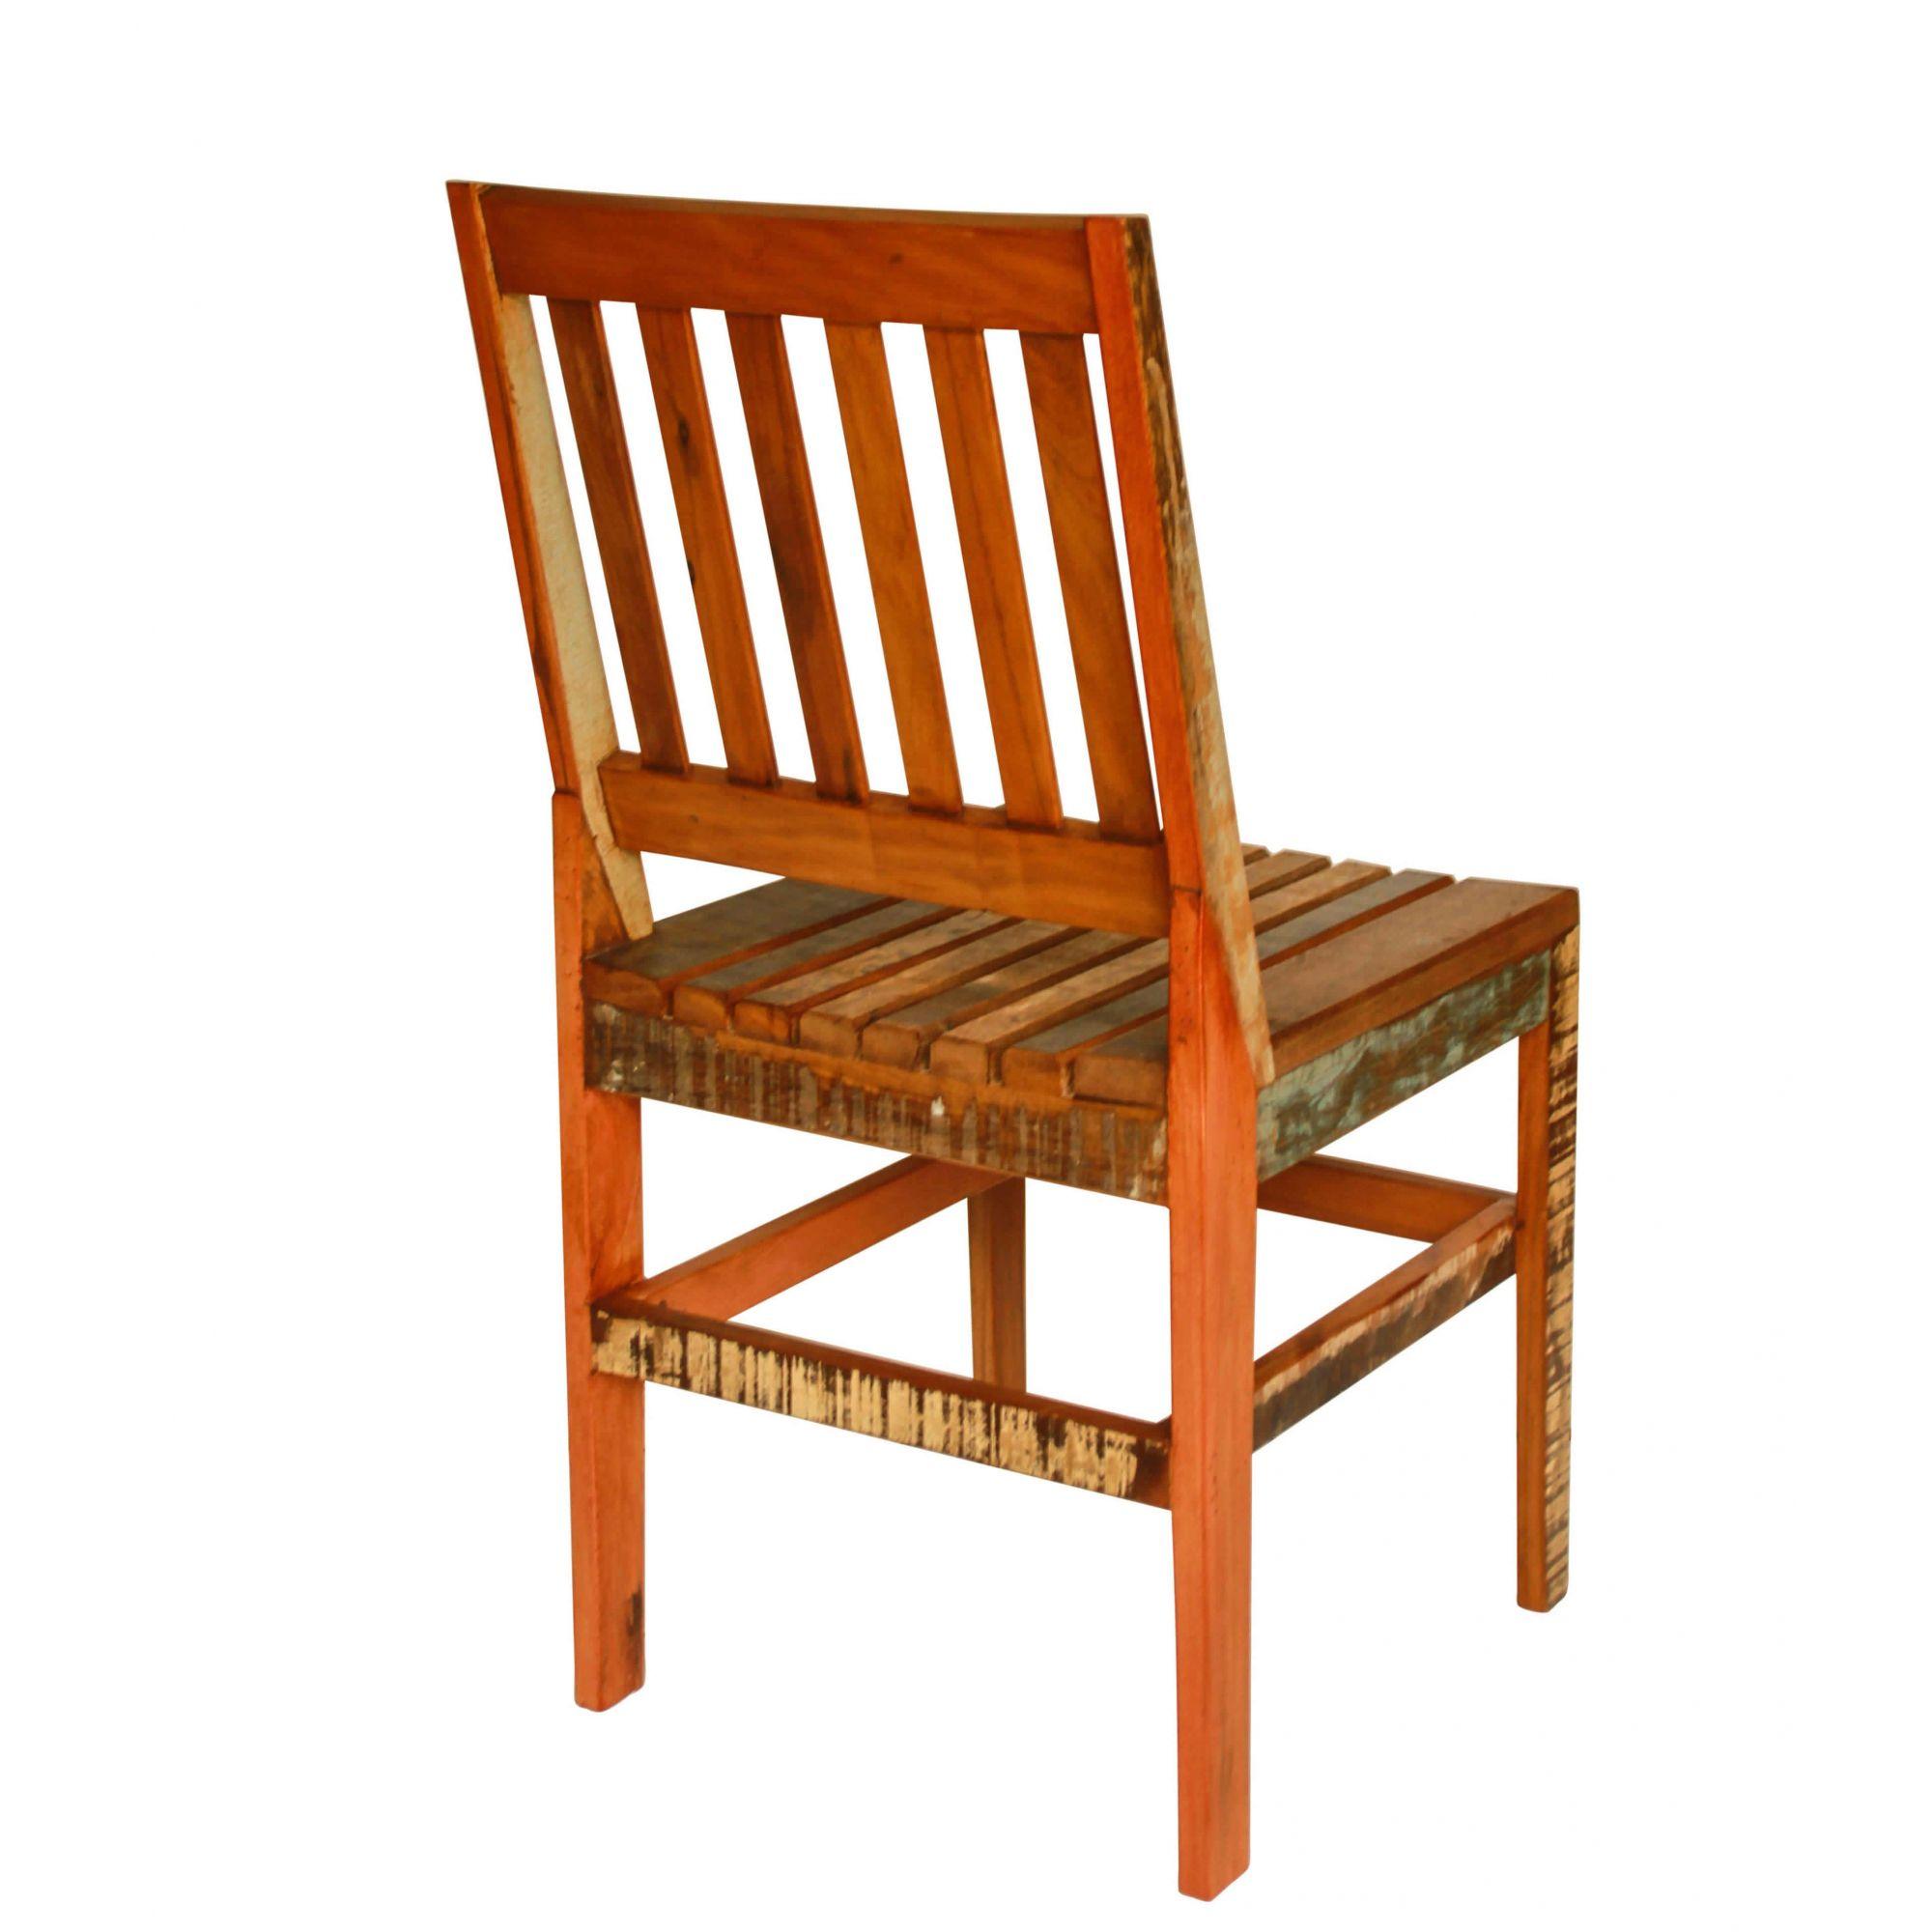 Cadeira de Madeira de Demolição modelo ripado supor confortavél